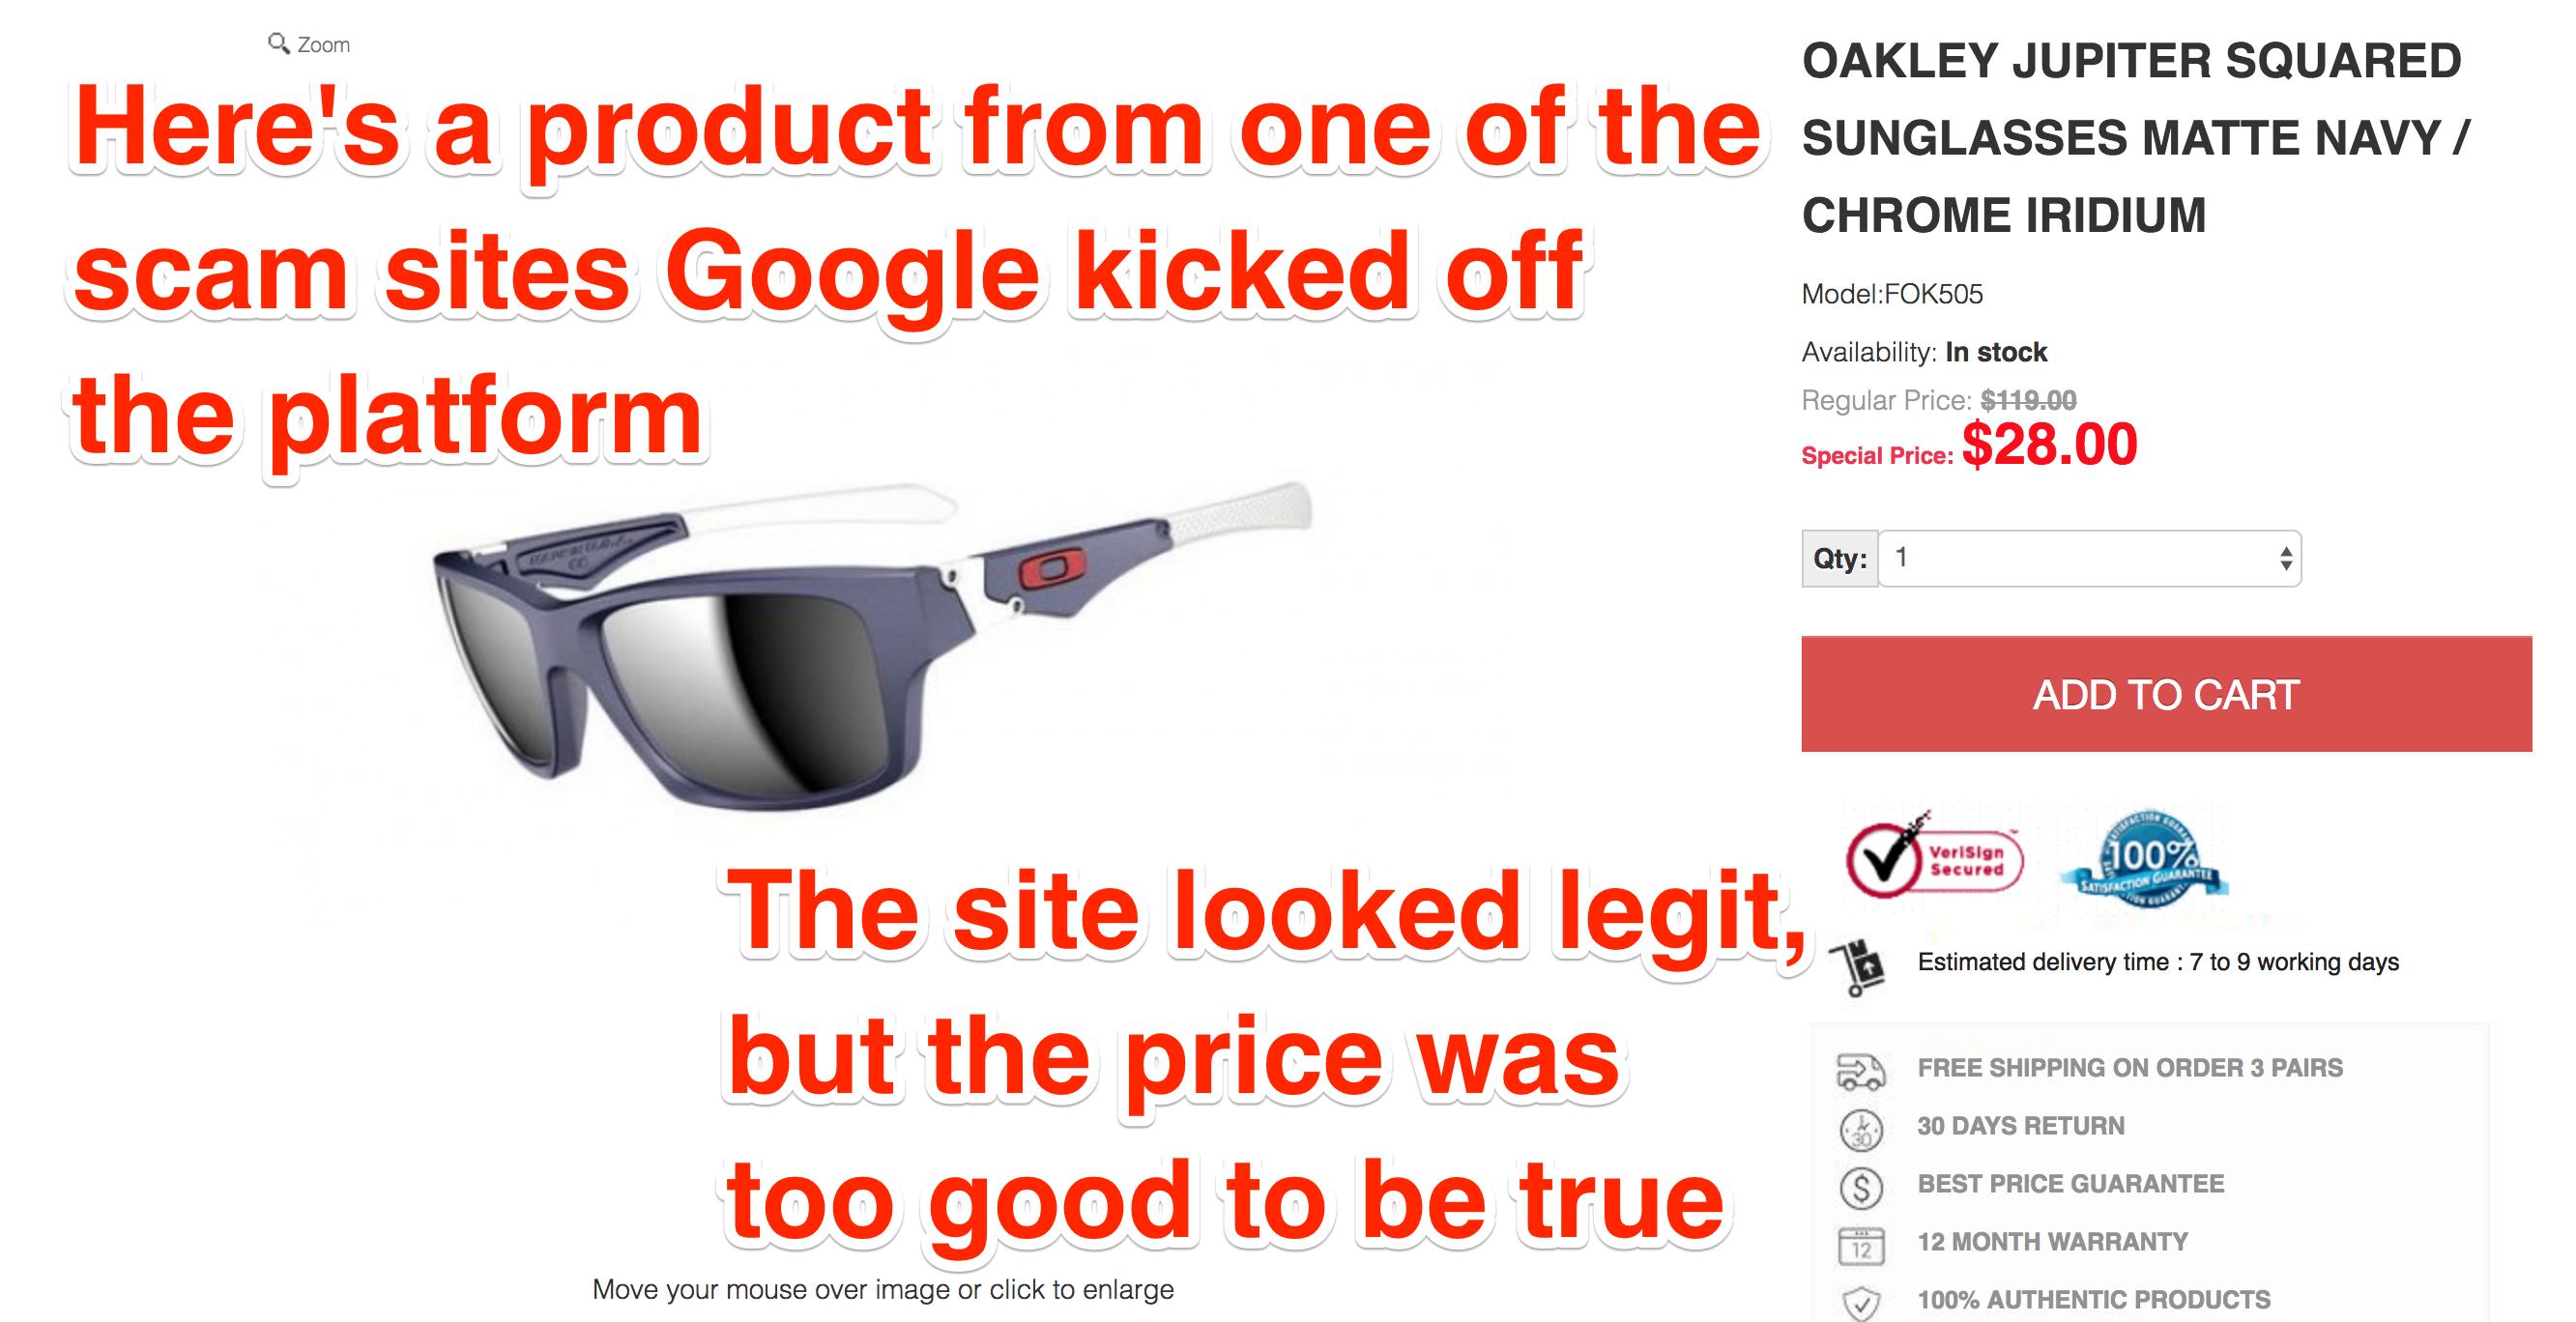 Google điều tra nhiều website bán hàng vì nhân viên bị lừa 28 USD